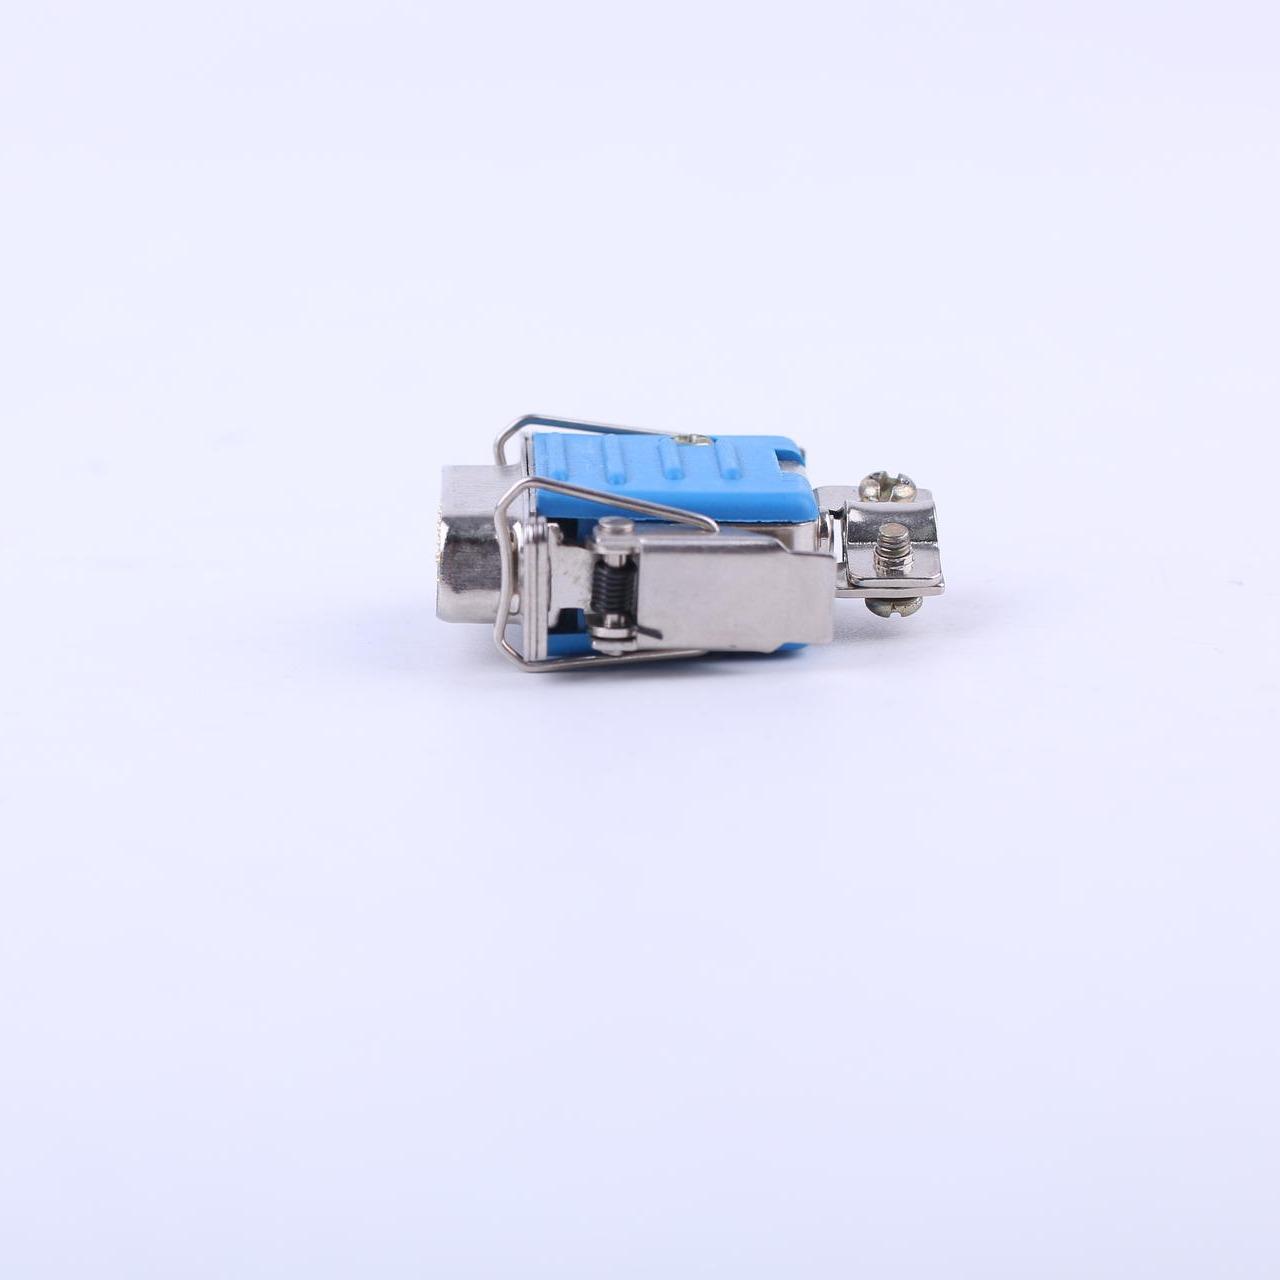 大电流连接器 电源连接器 15芯CD1连接器生产厂家  东普电子制造